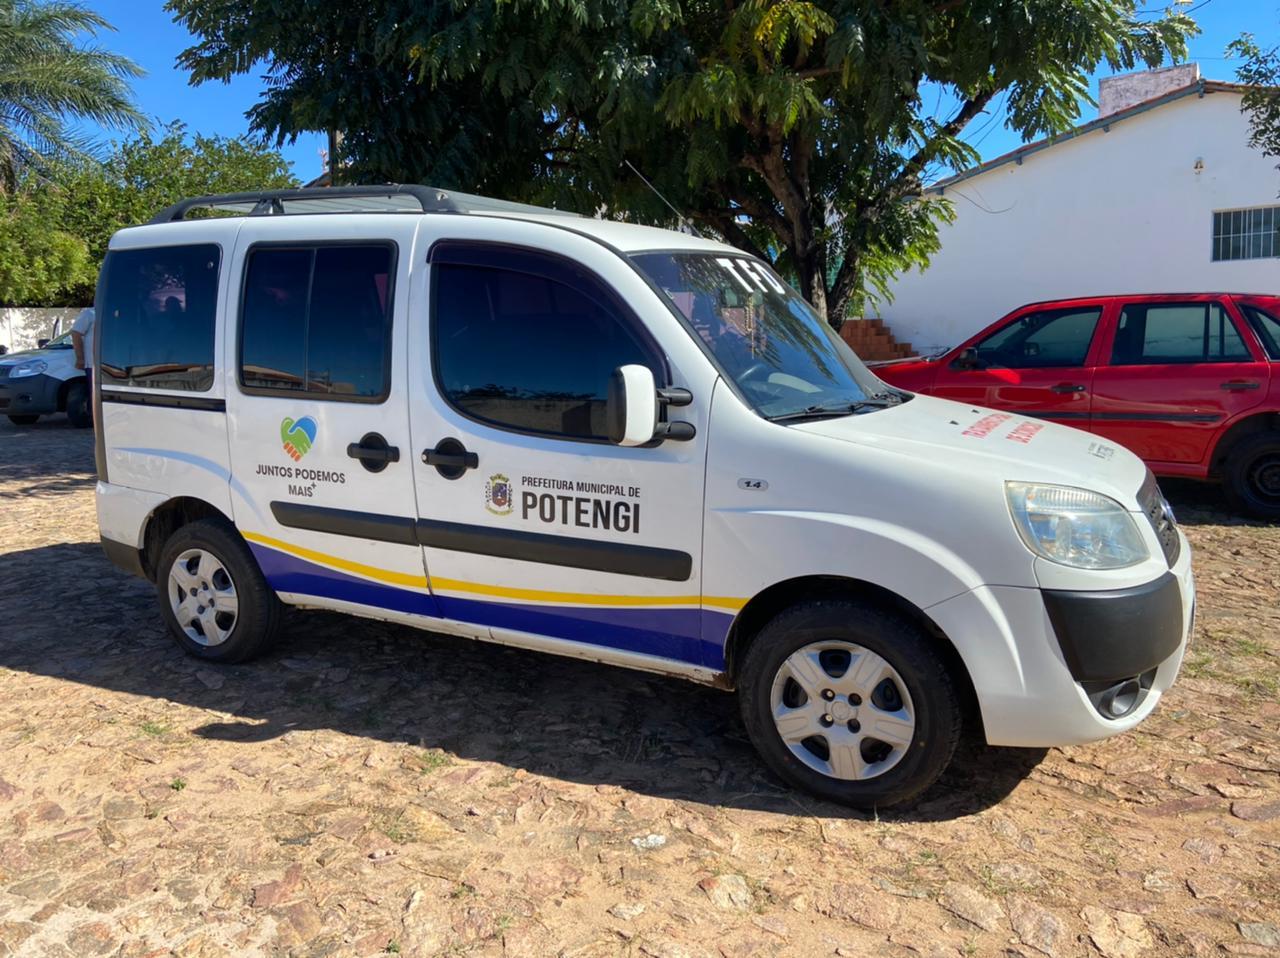 Van contendo identificação da Prefeitura Municipal de Potengi